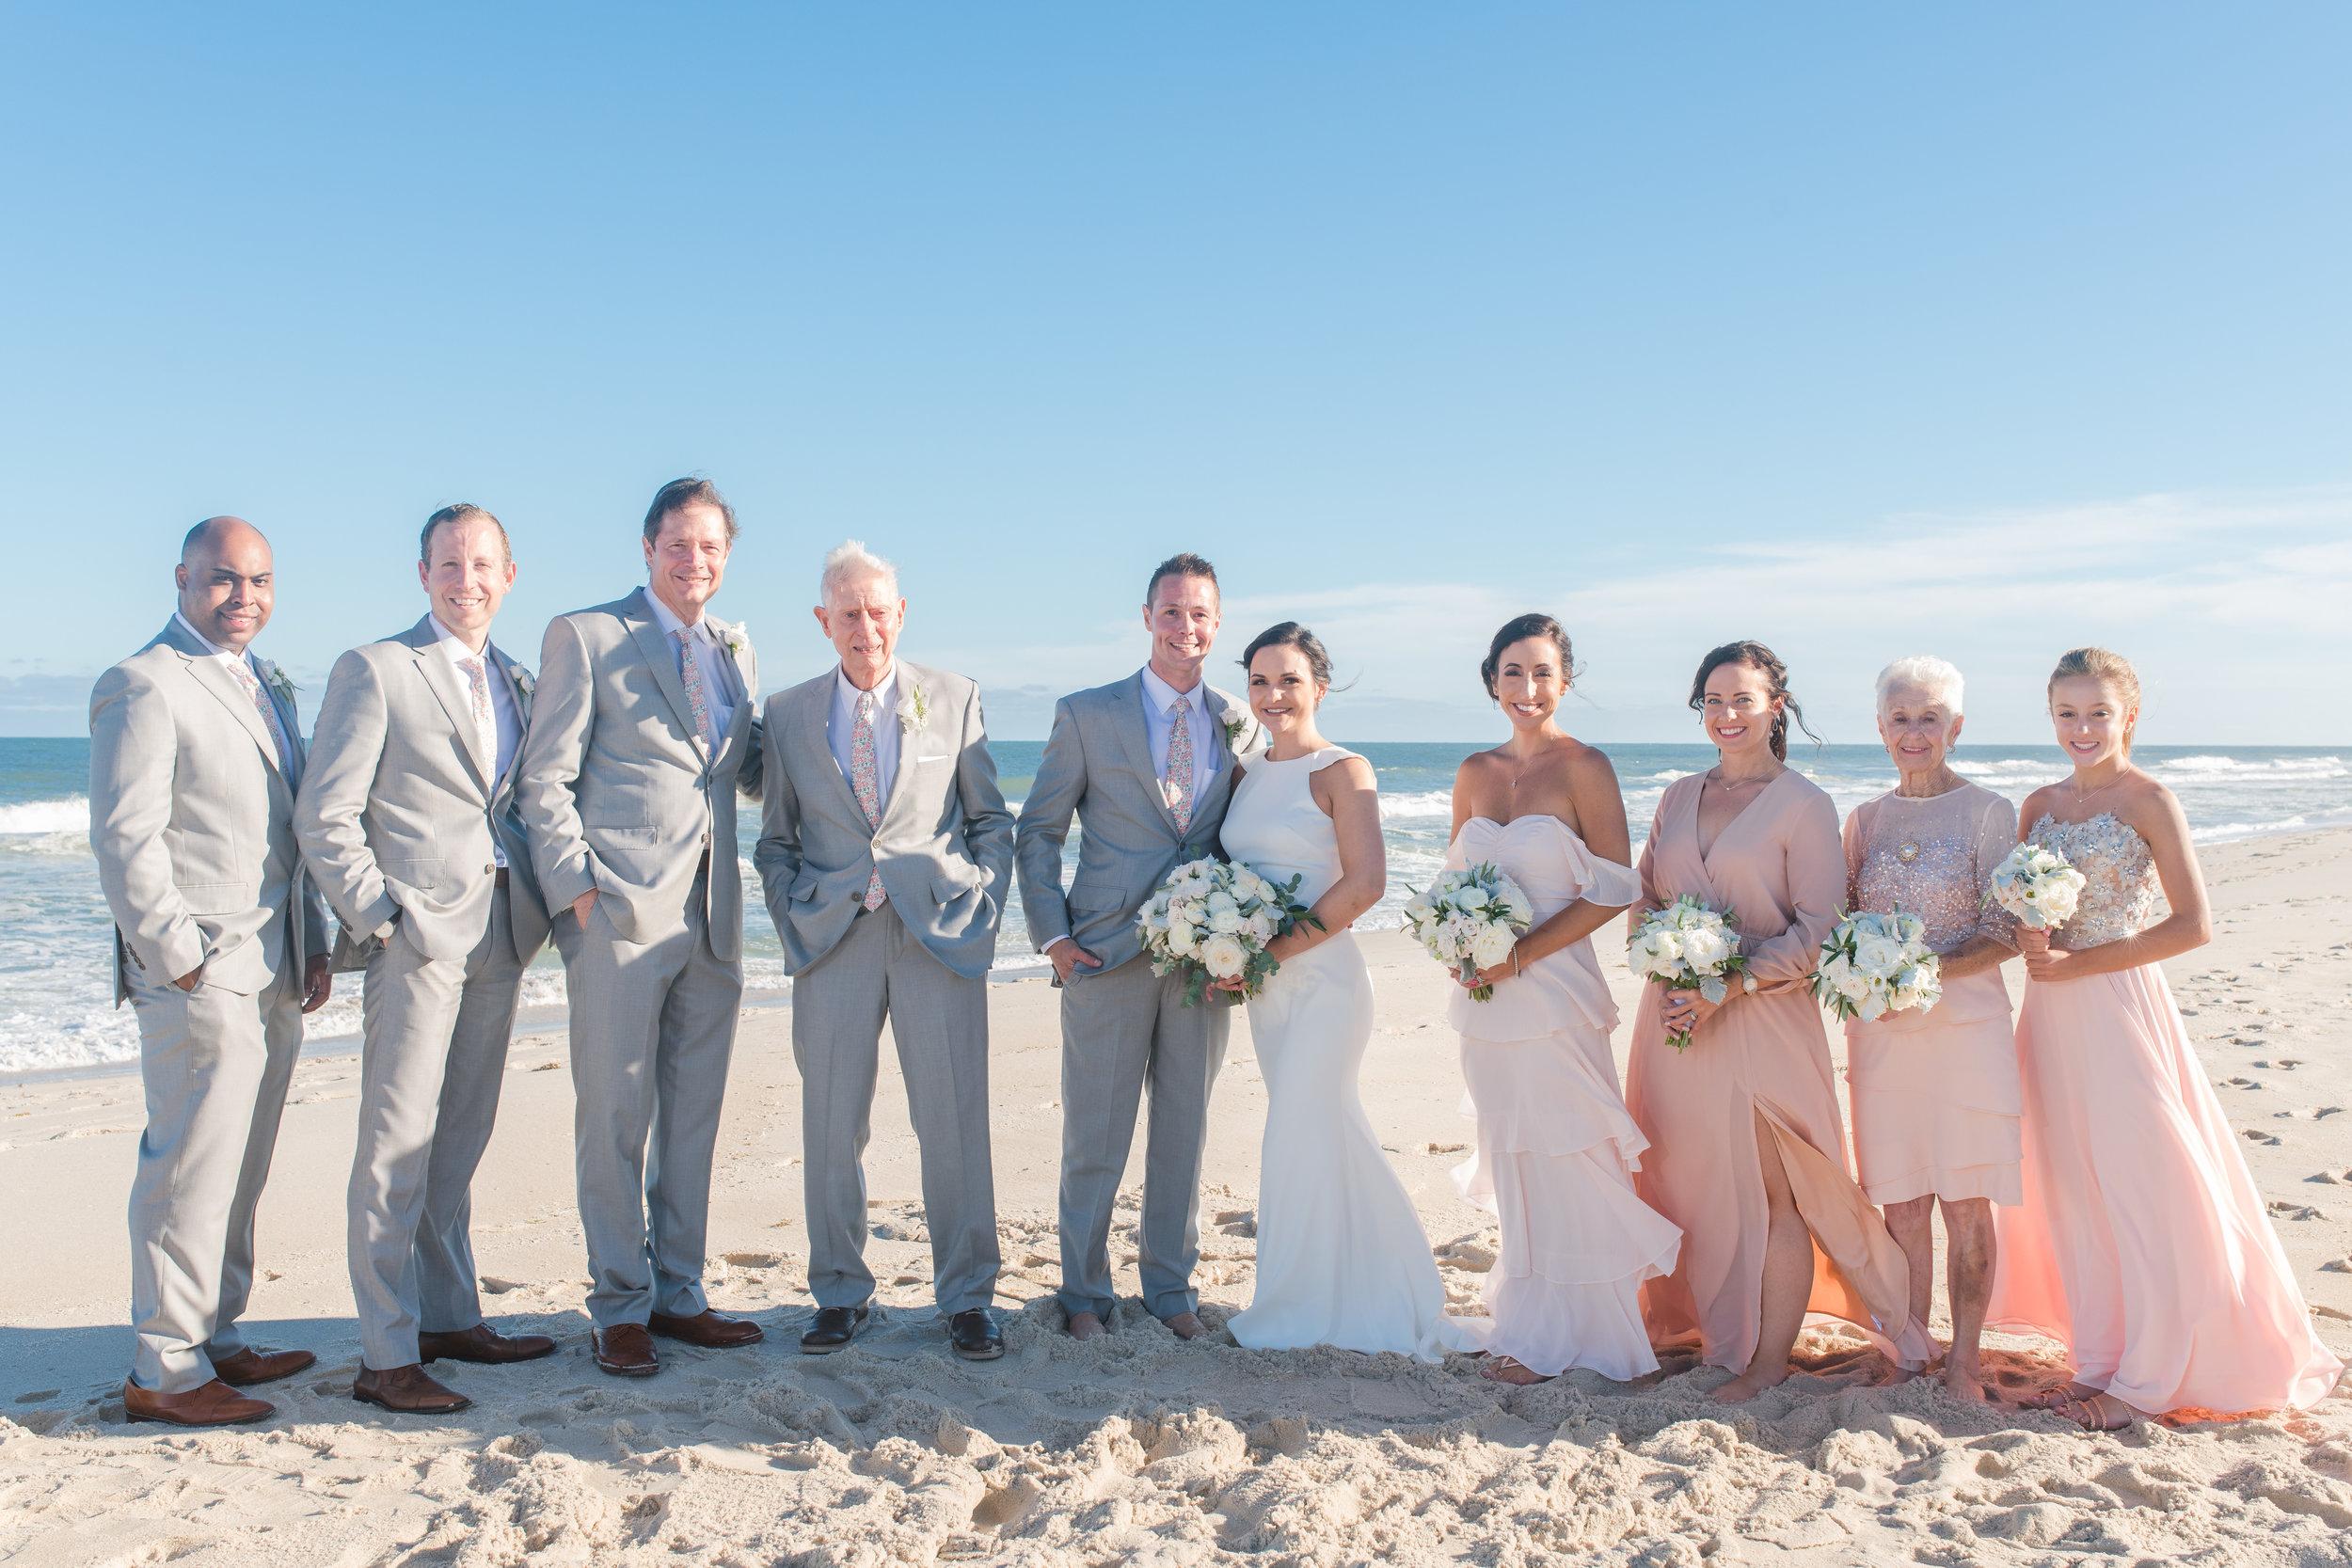 lbi-wedding-arts-foundation-lbi-wedding-photographer-tiff-22.jpg